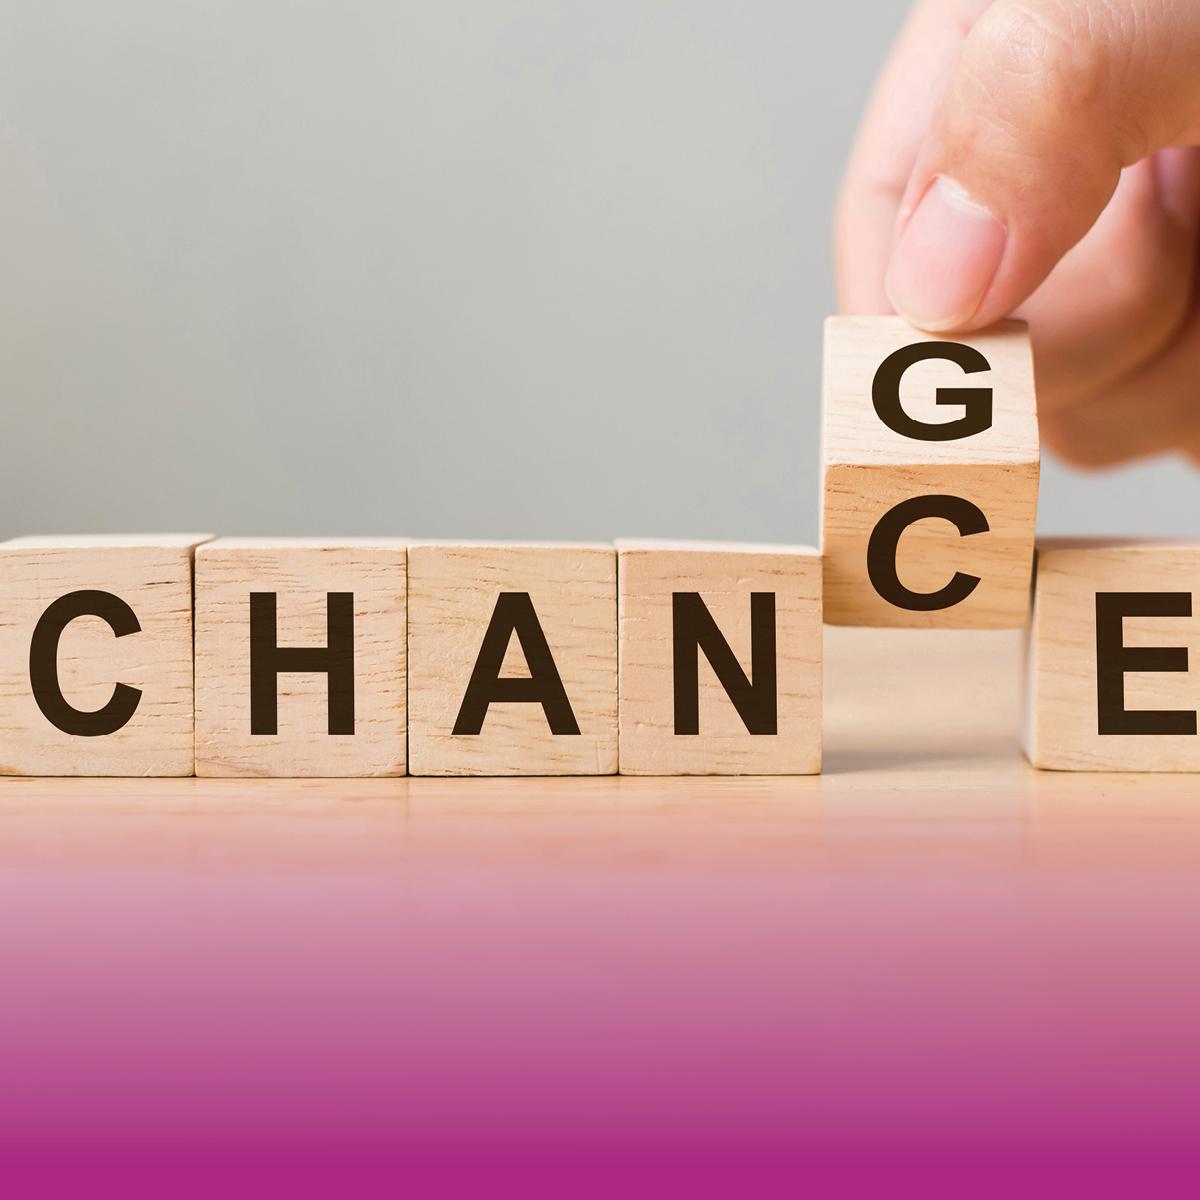 Image of word change/change